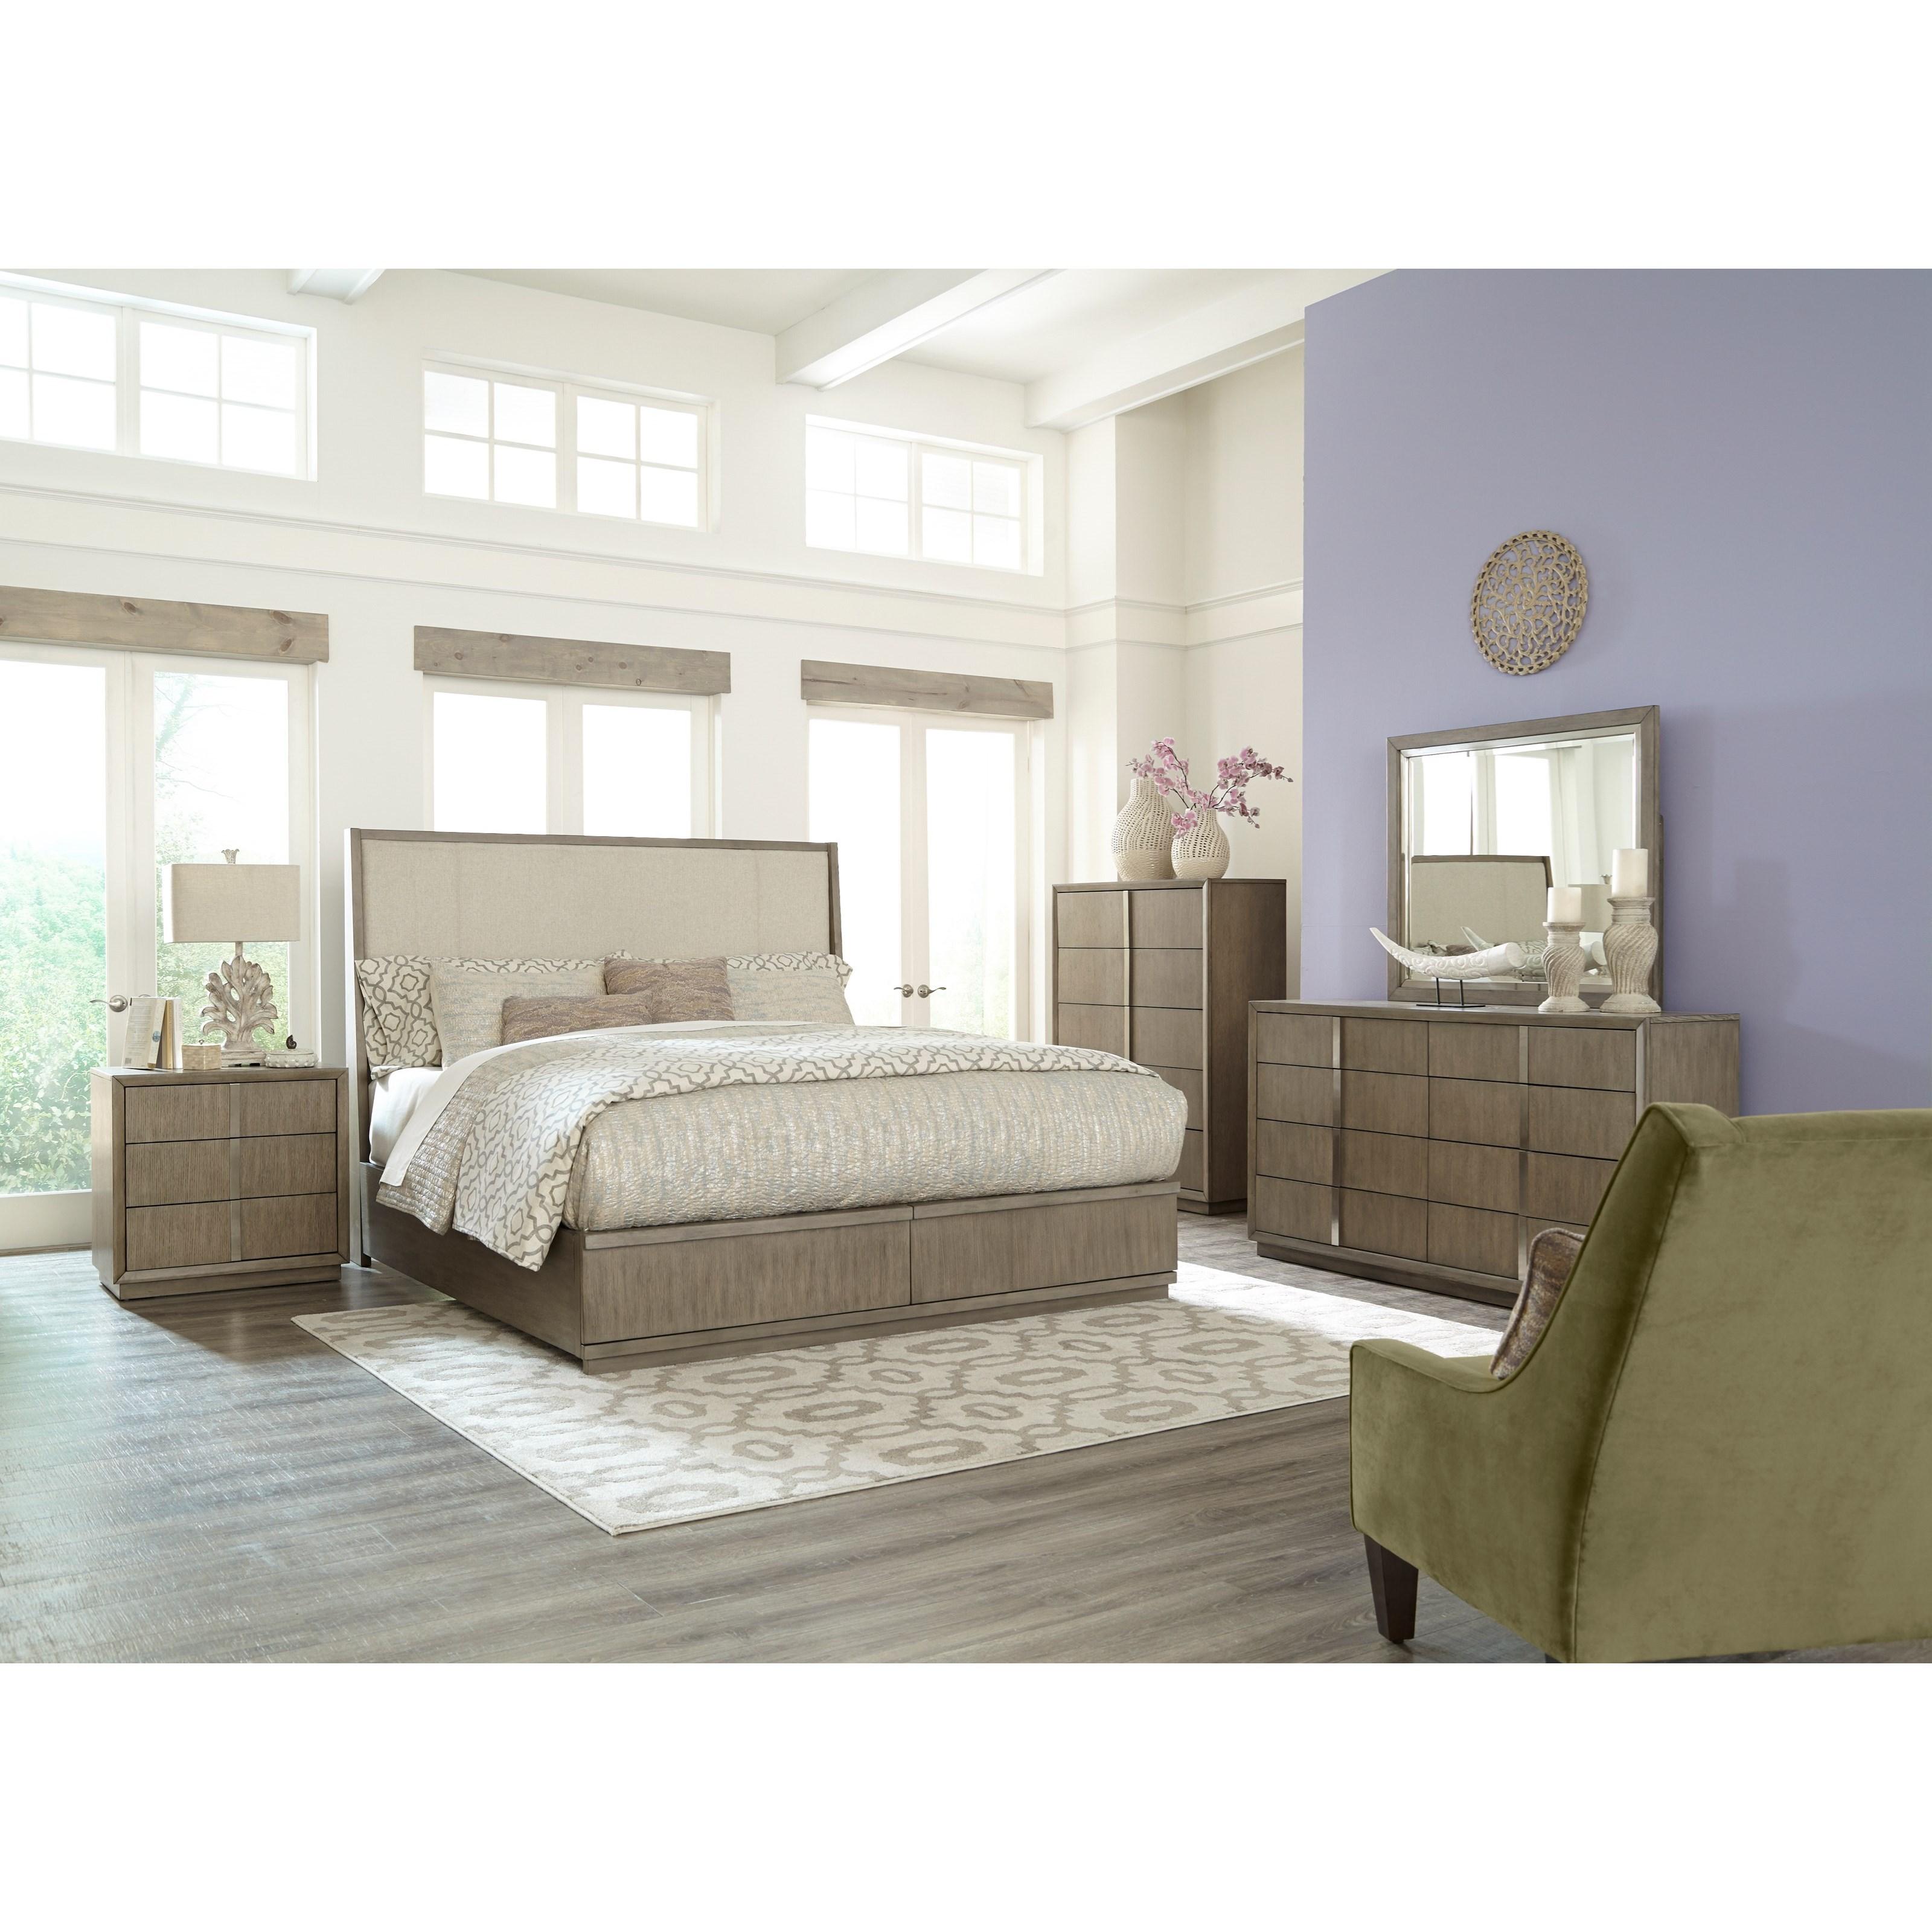 Klaussner international melbourne queen bedroom group for Bedroom groups